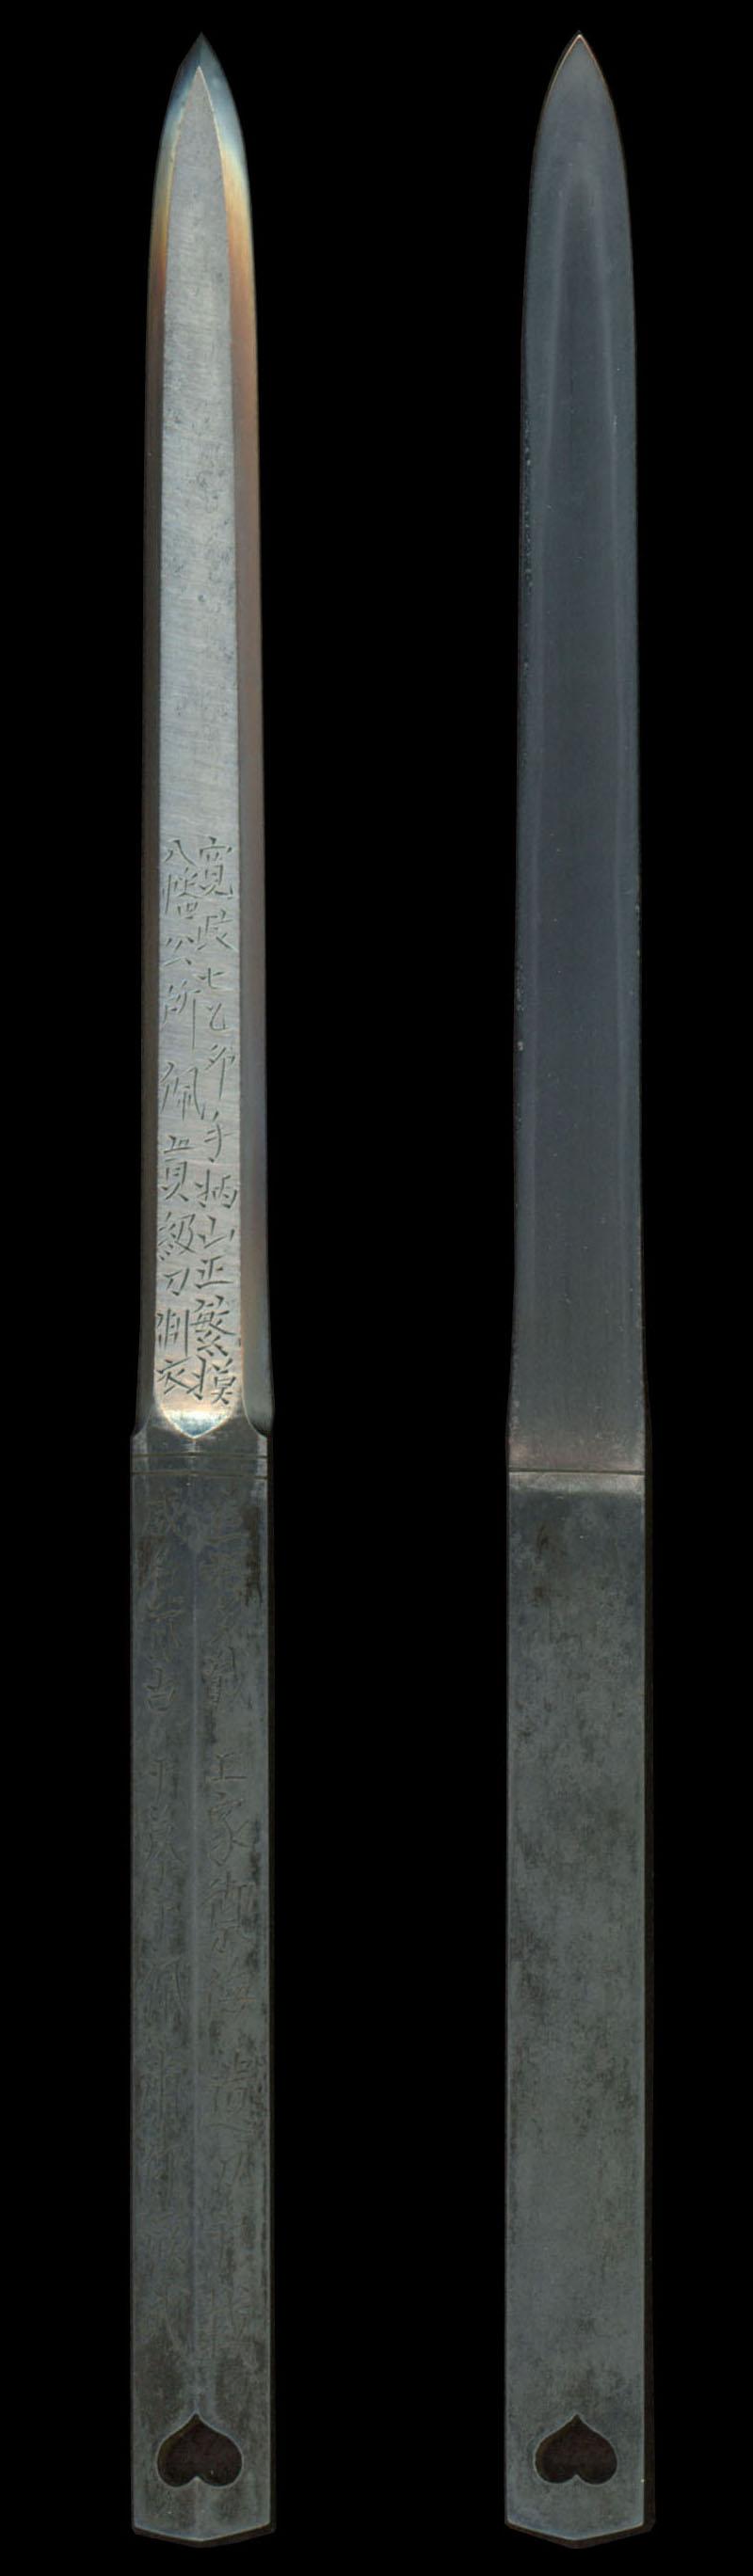 貫級刀 (馬針)Picture of whole